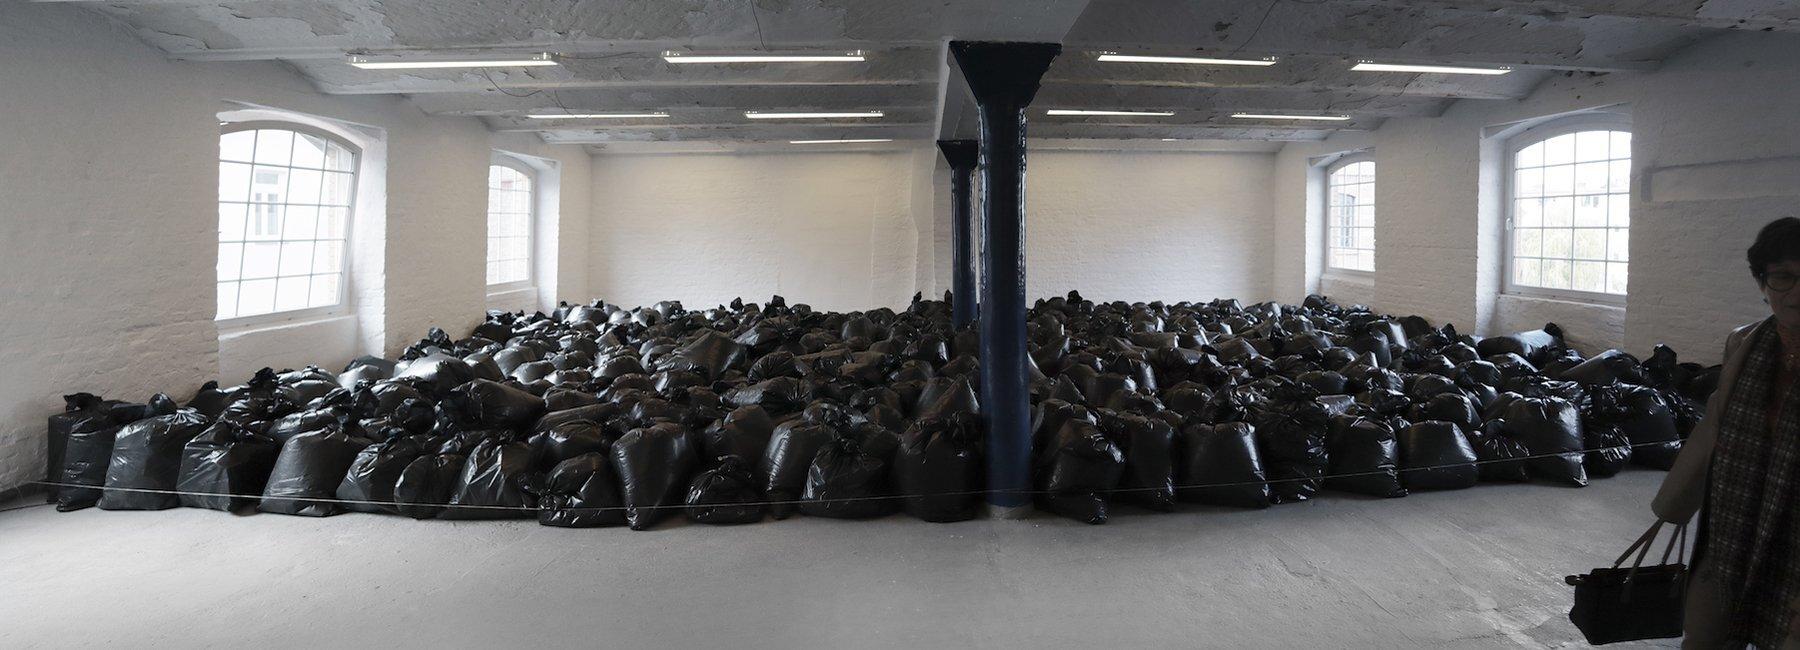 У Берліні відкрили інсталяцію з 500 мішків для сміття